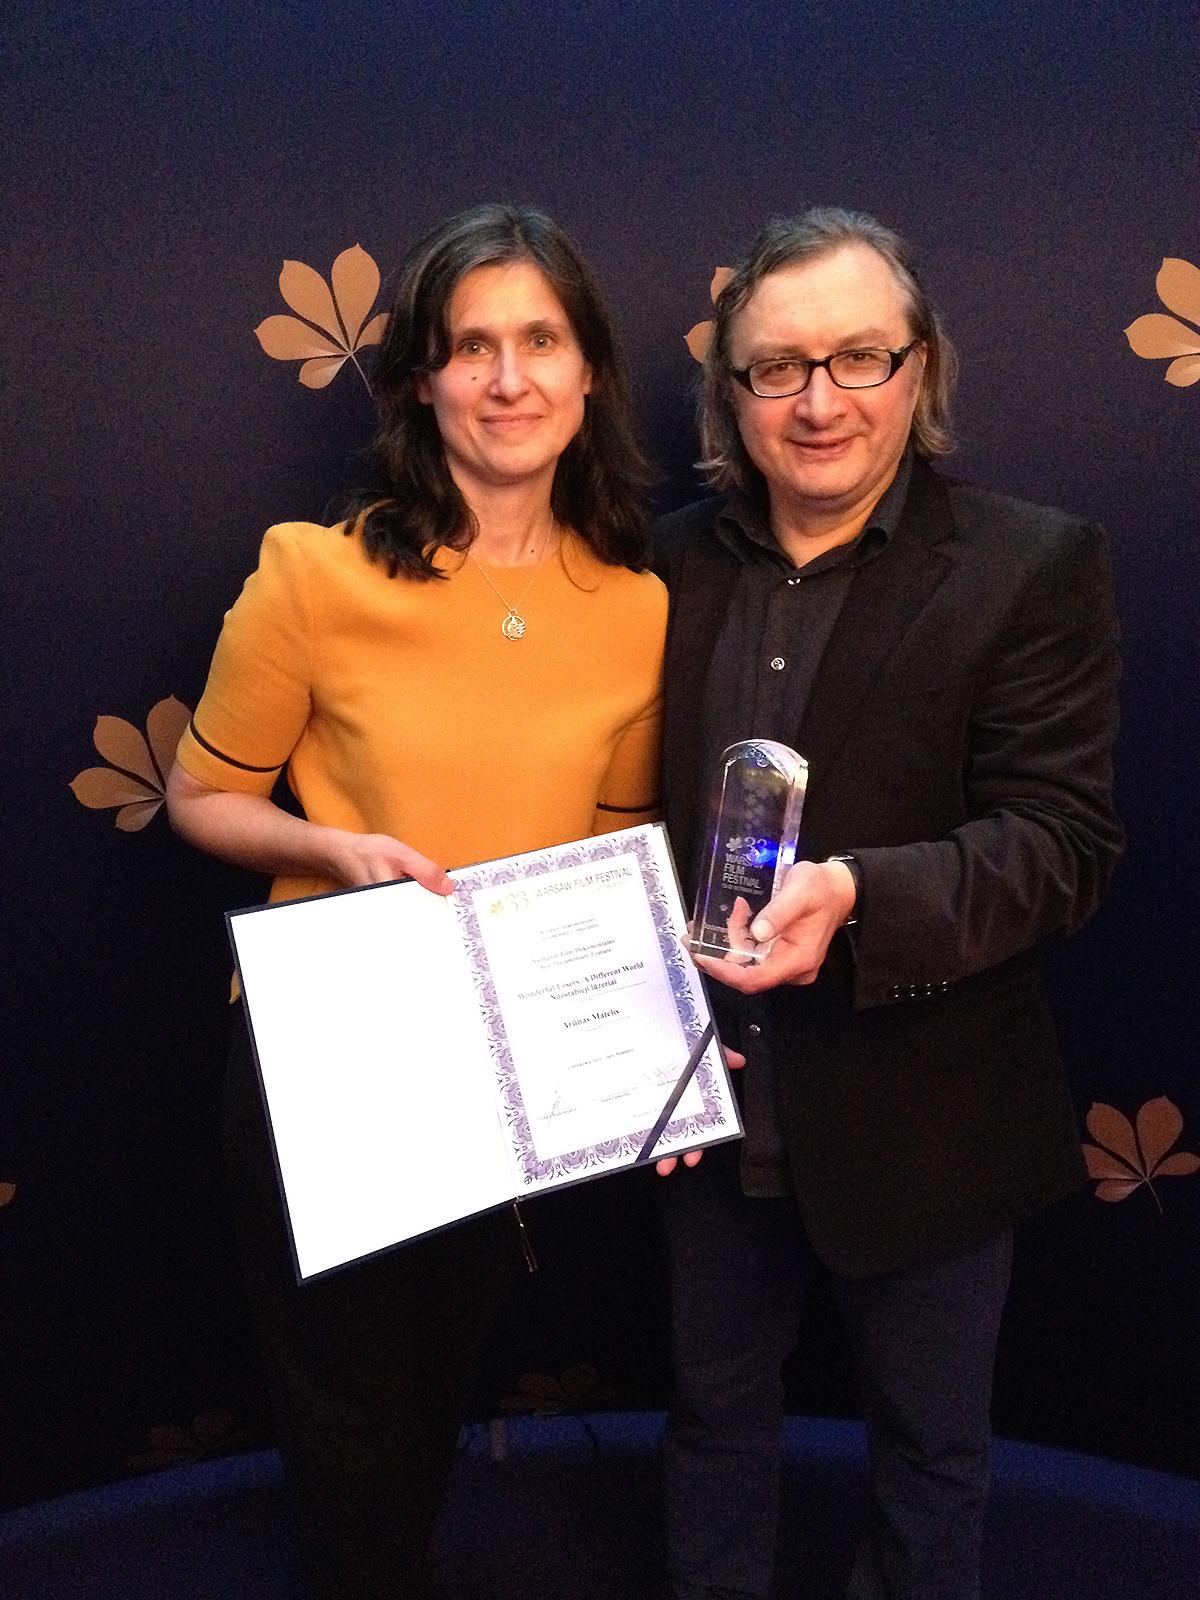 Režisierius A. Matelis su žmona Algimante, filmo prodiusere, po apdovanojimų prestižiniame kino festivalyje Varšuvoje.